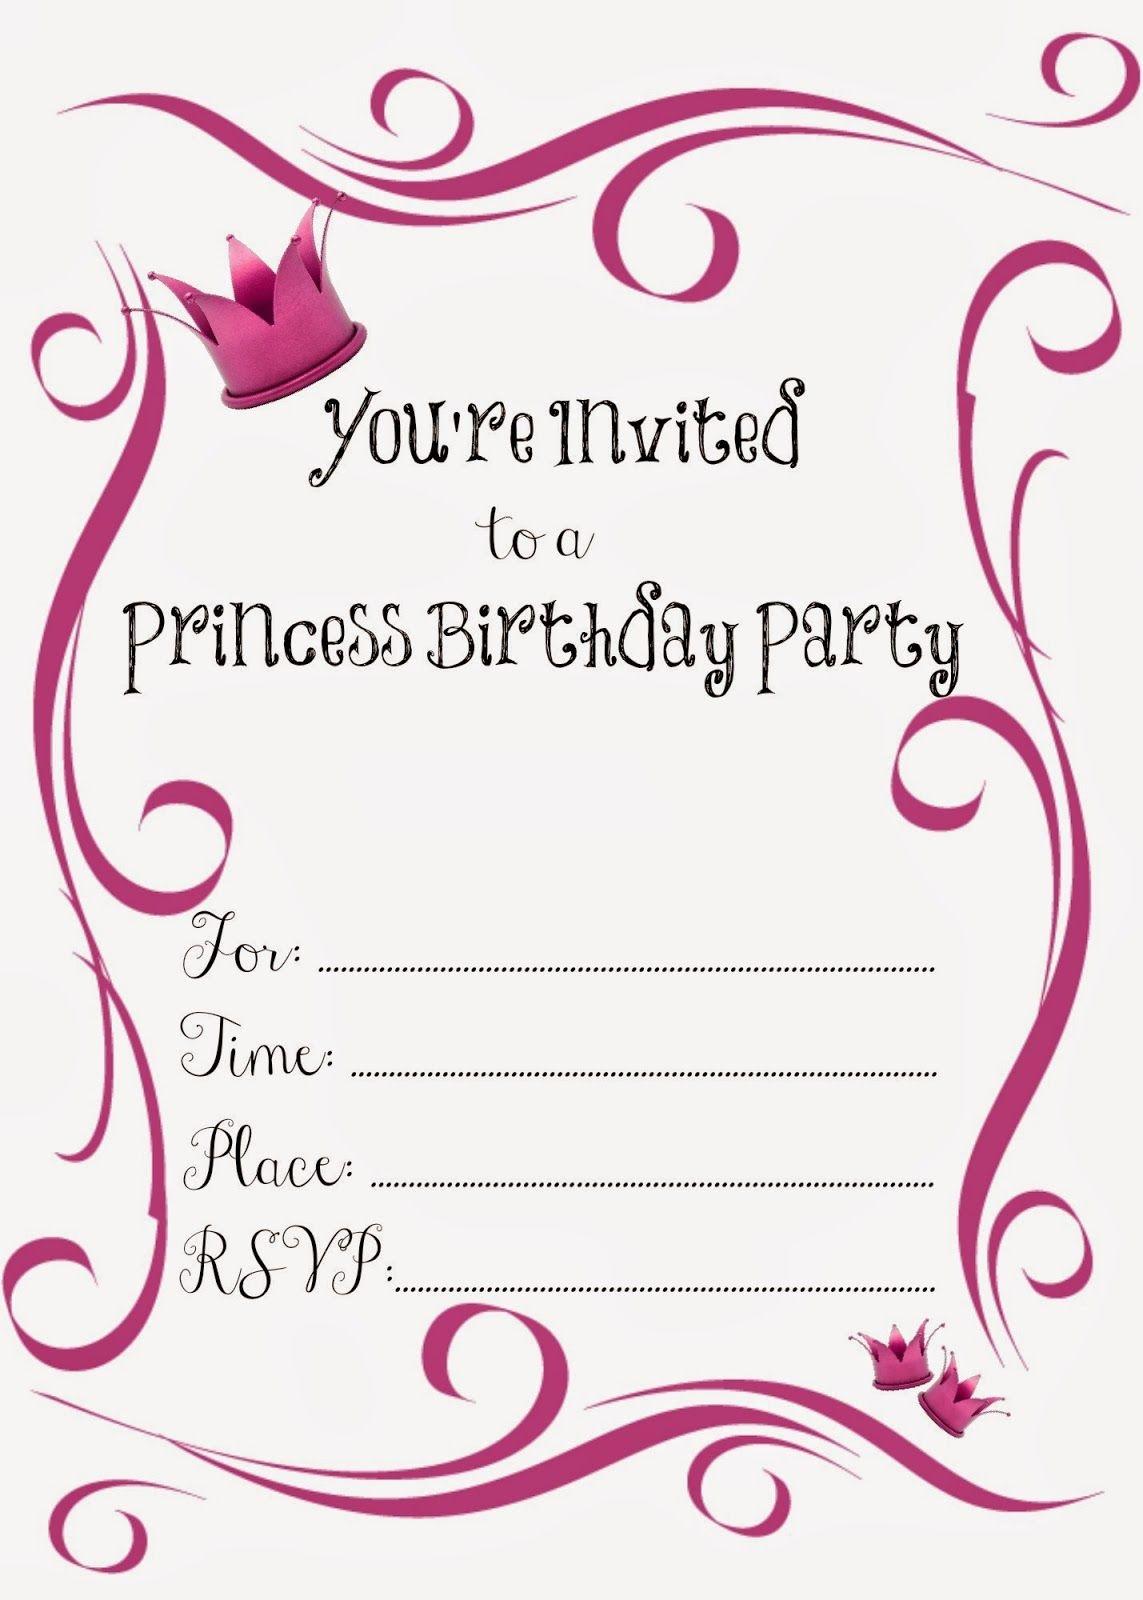 Free Printable Princess Birthday Party Invitations | Kendall James - Free Princess Printable Invitations